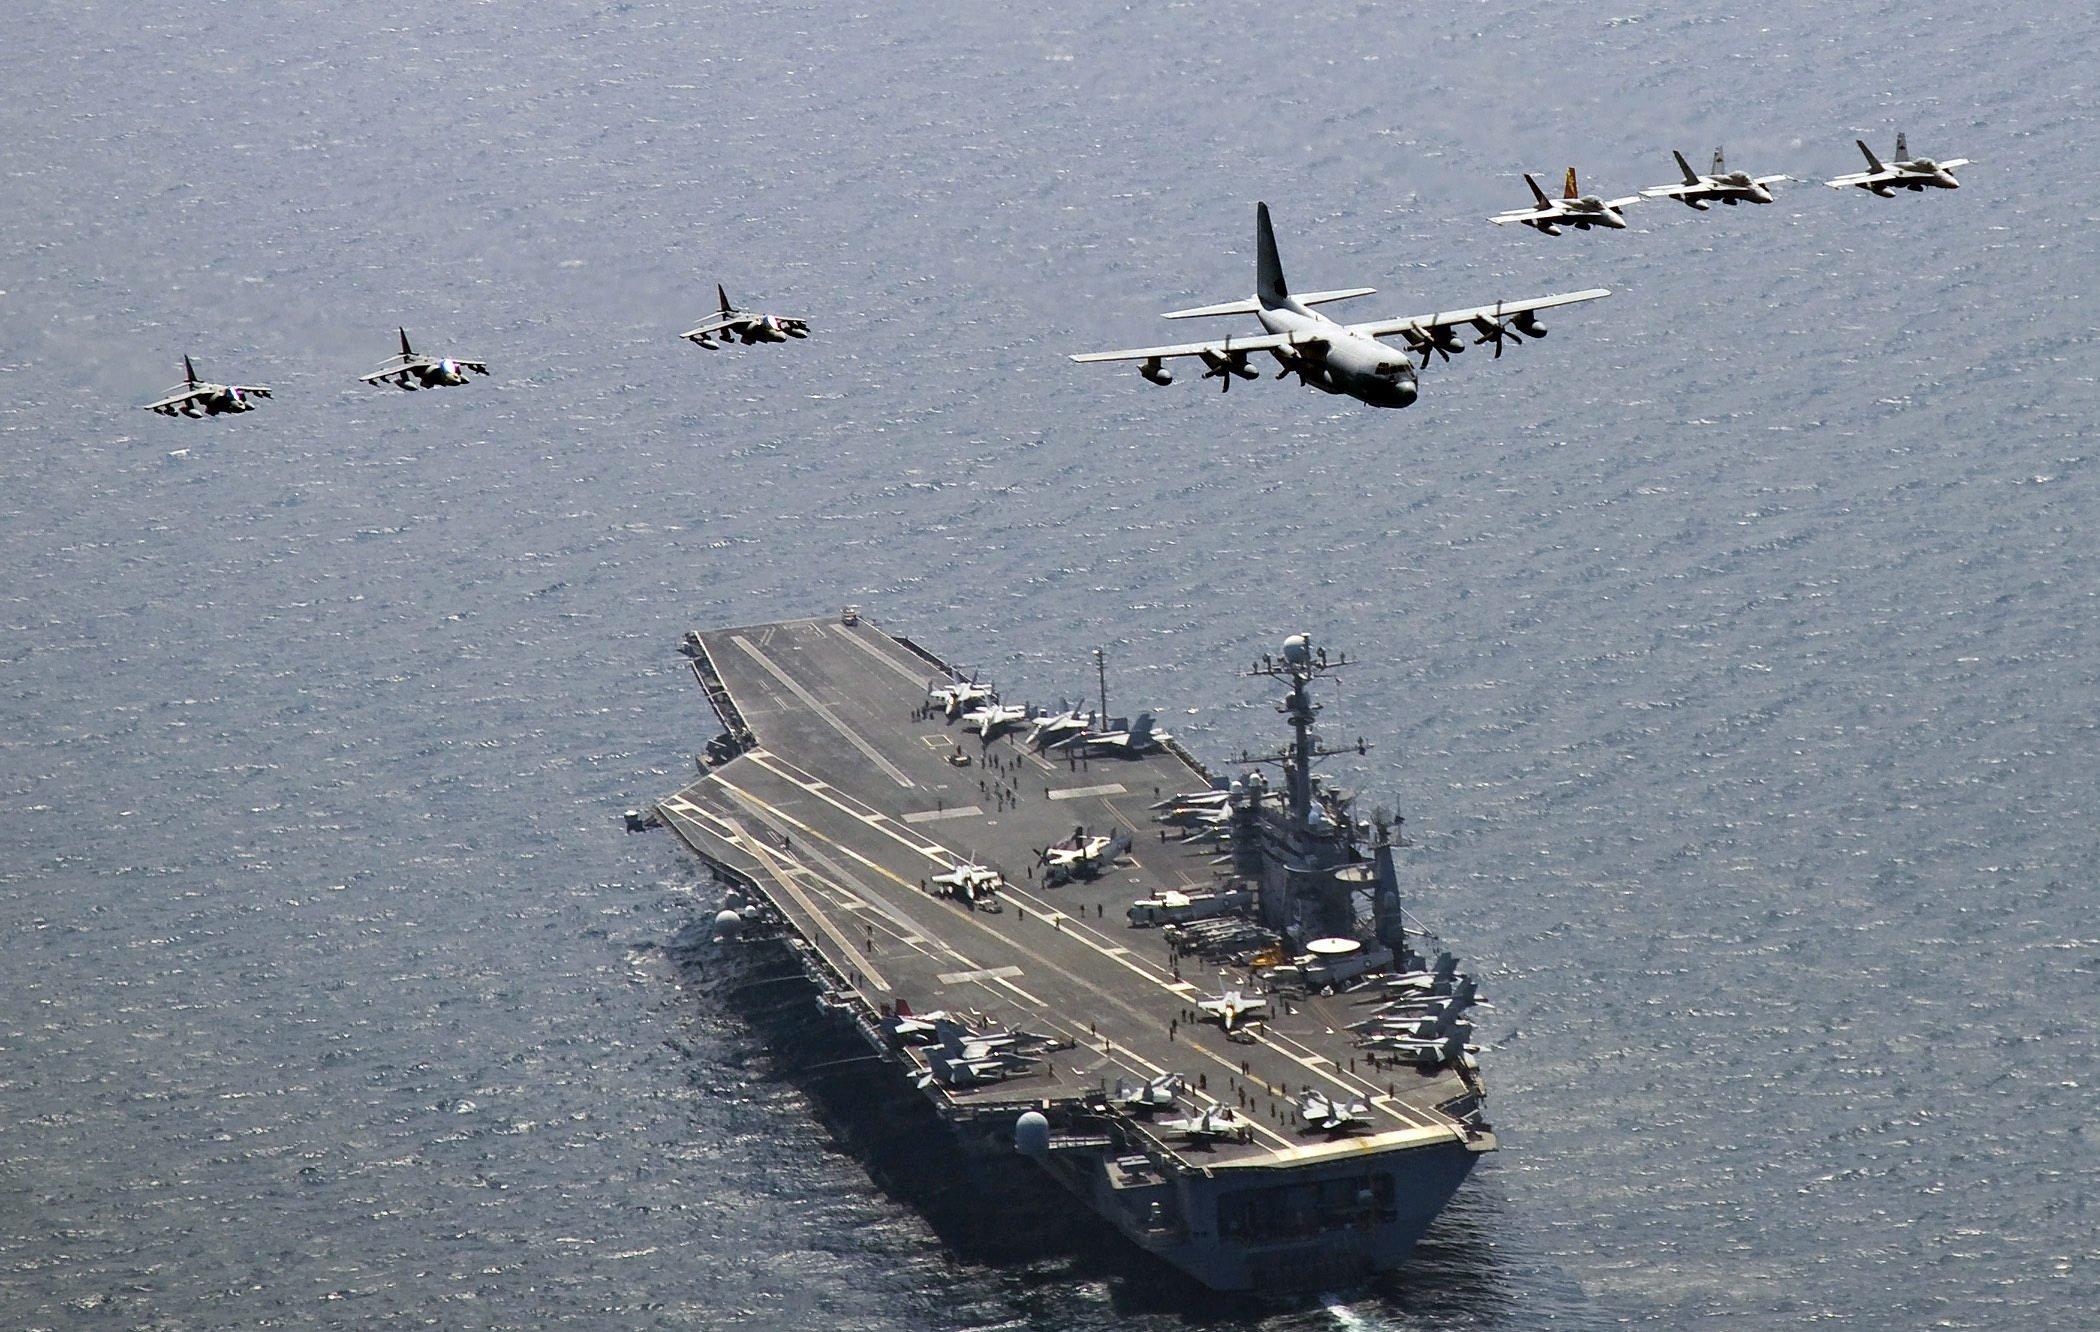 Der Flugzeugträger USS George Washington im Meer östlich der koreanischen Halbinsel: Die USA sehen mit Sorge das Aufrüstungsprogramm China und den Bau chinesischer Flugzeugträger.